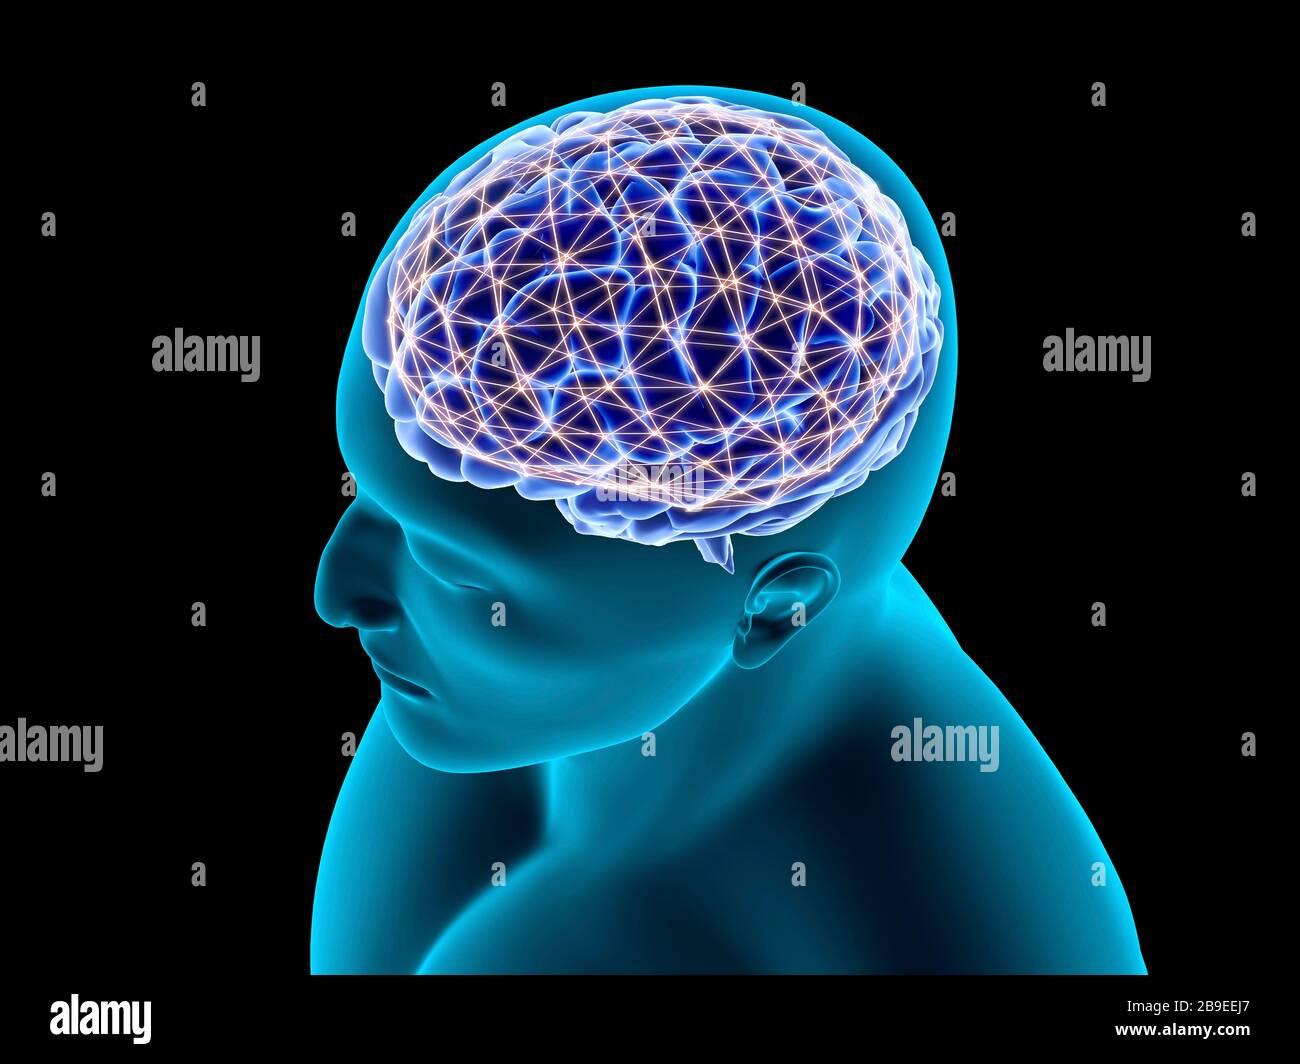 Immagine concettuale di una rete neurale nel cervello umano. Foto Stock